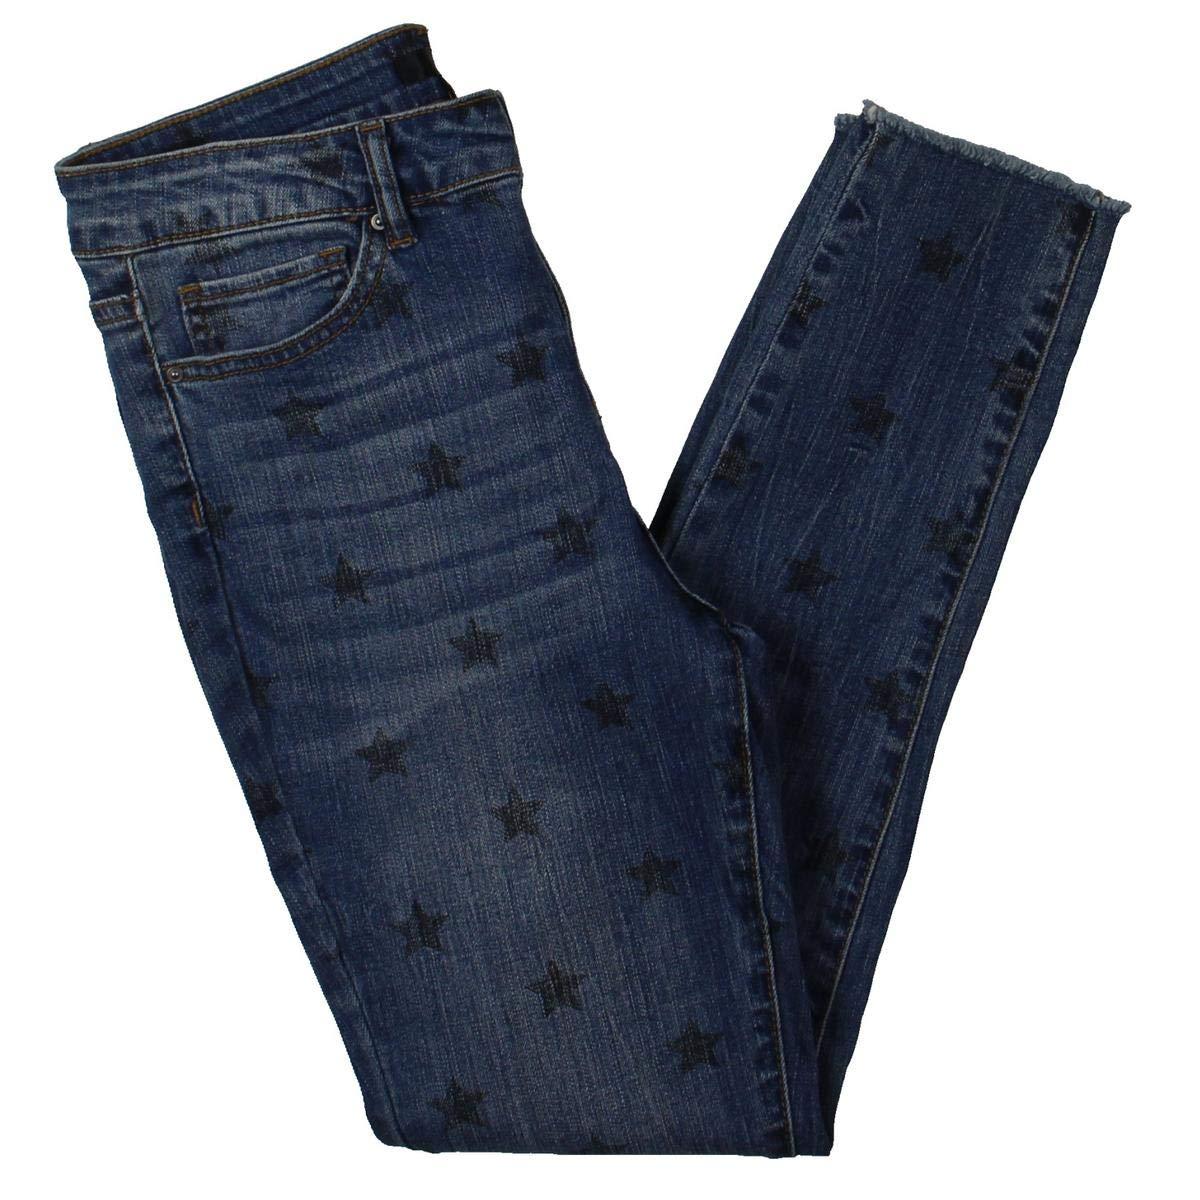 Cypress Aqua Womens Star Print Mid Rise Skinny Jeans